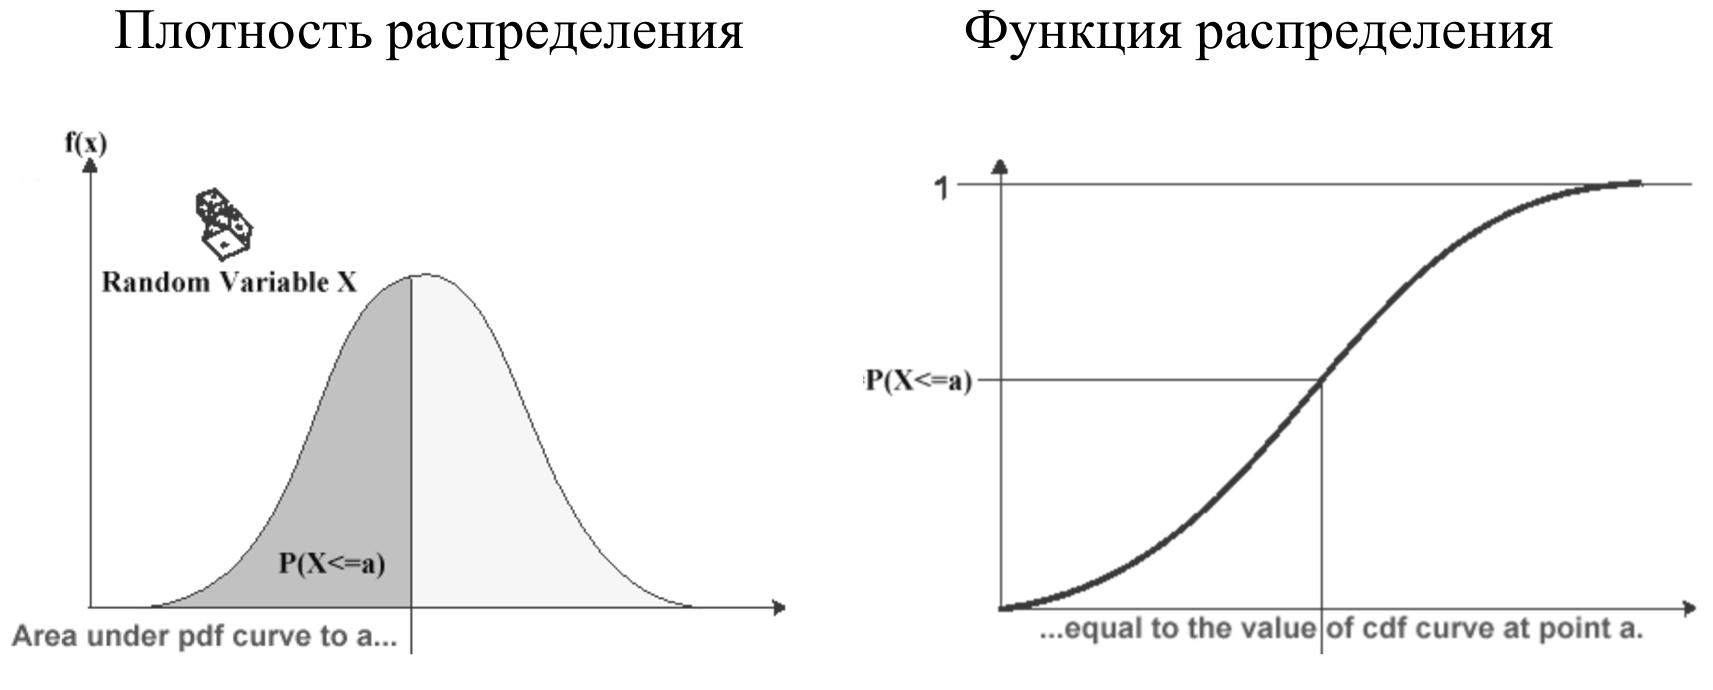 MathOps или математика в мониторинге - 4